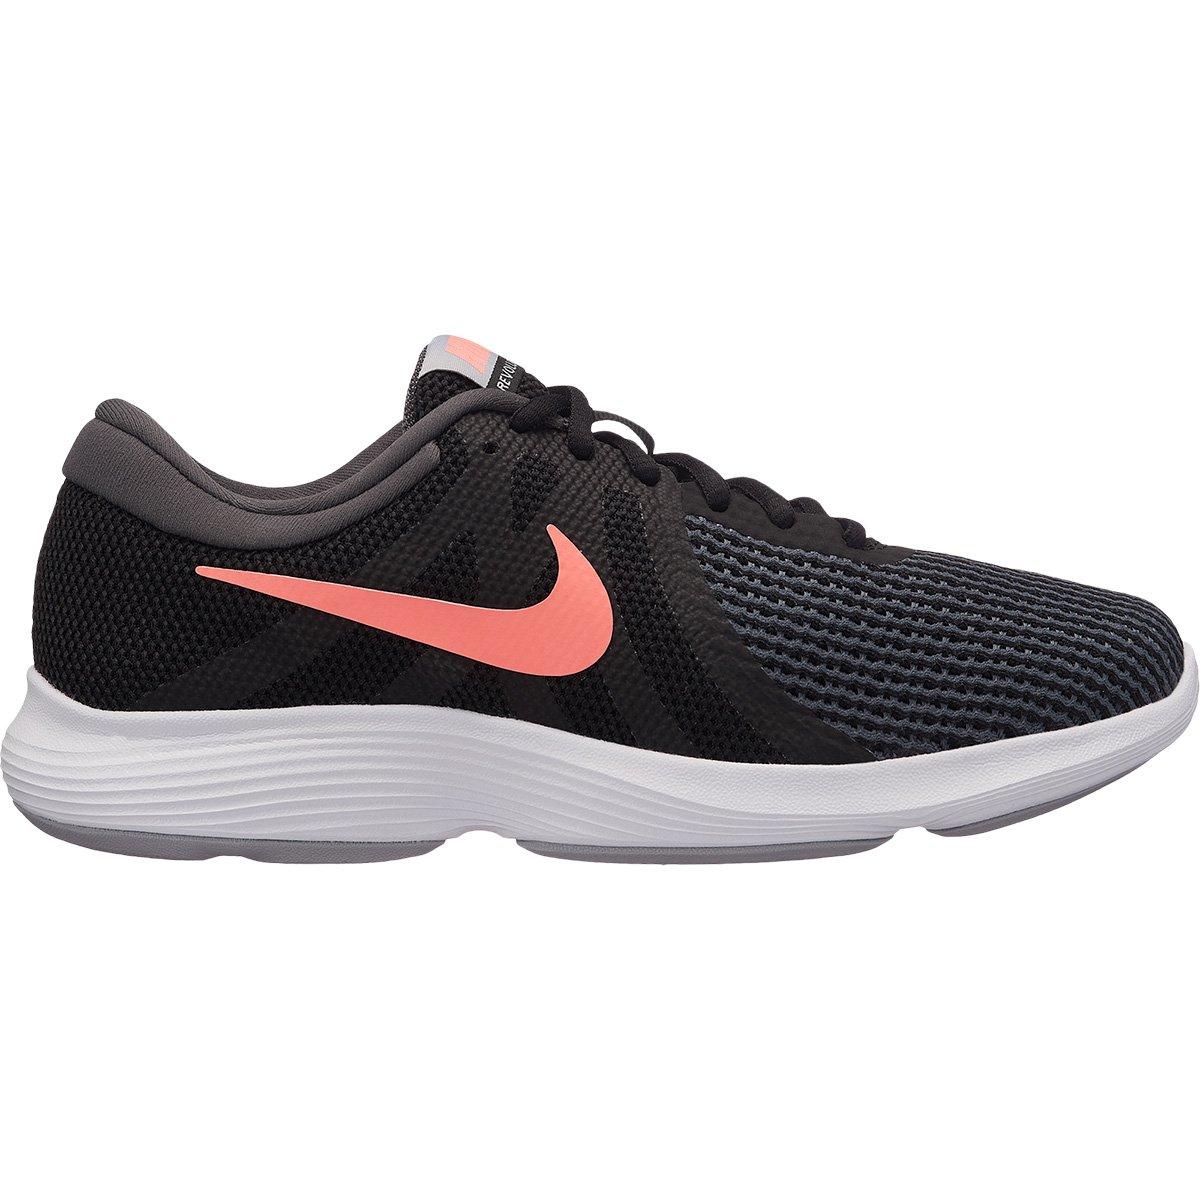 eb6e165b19b Tênis Nike Wmns Revolution 4 Feminino - Preto e Salmão - Compre Agora